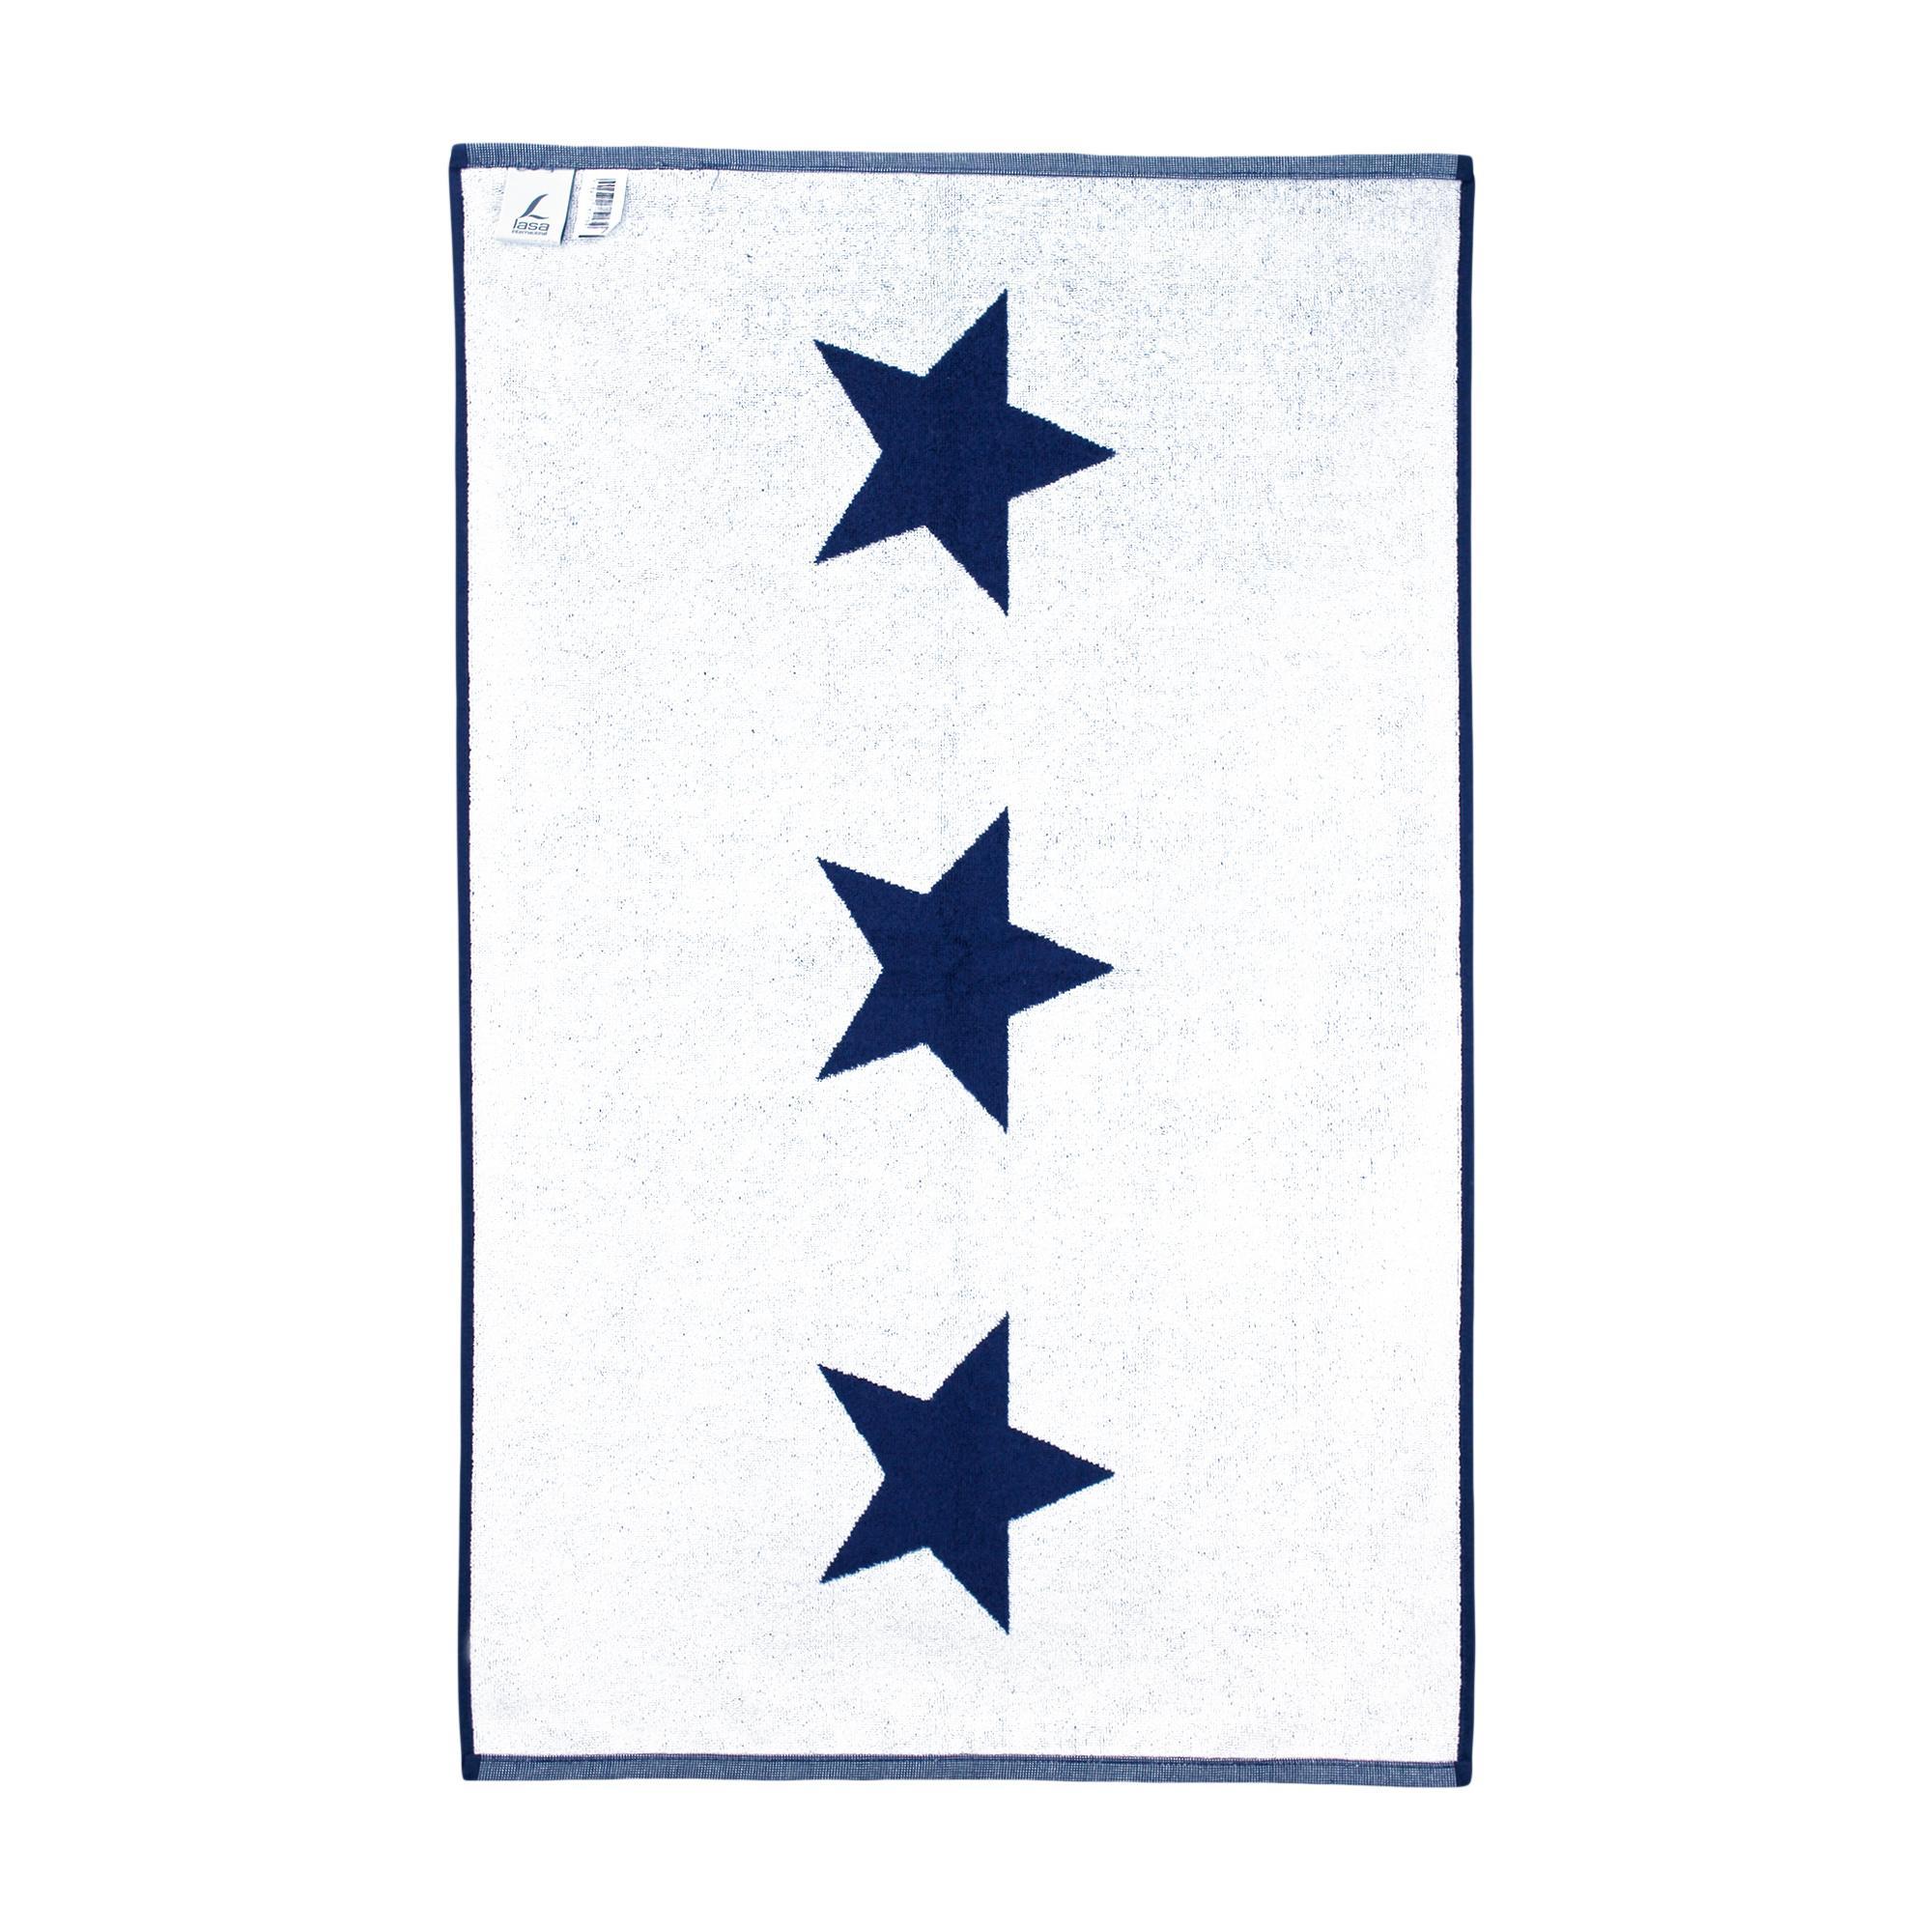 tapis de bain 60x90 cm coton stars bleu marine linnea vente de linge de maison. Black Bedroom Furniture Sets. Home Design Ideas